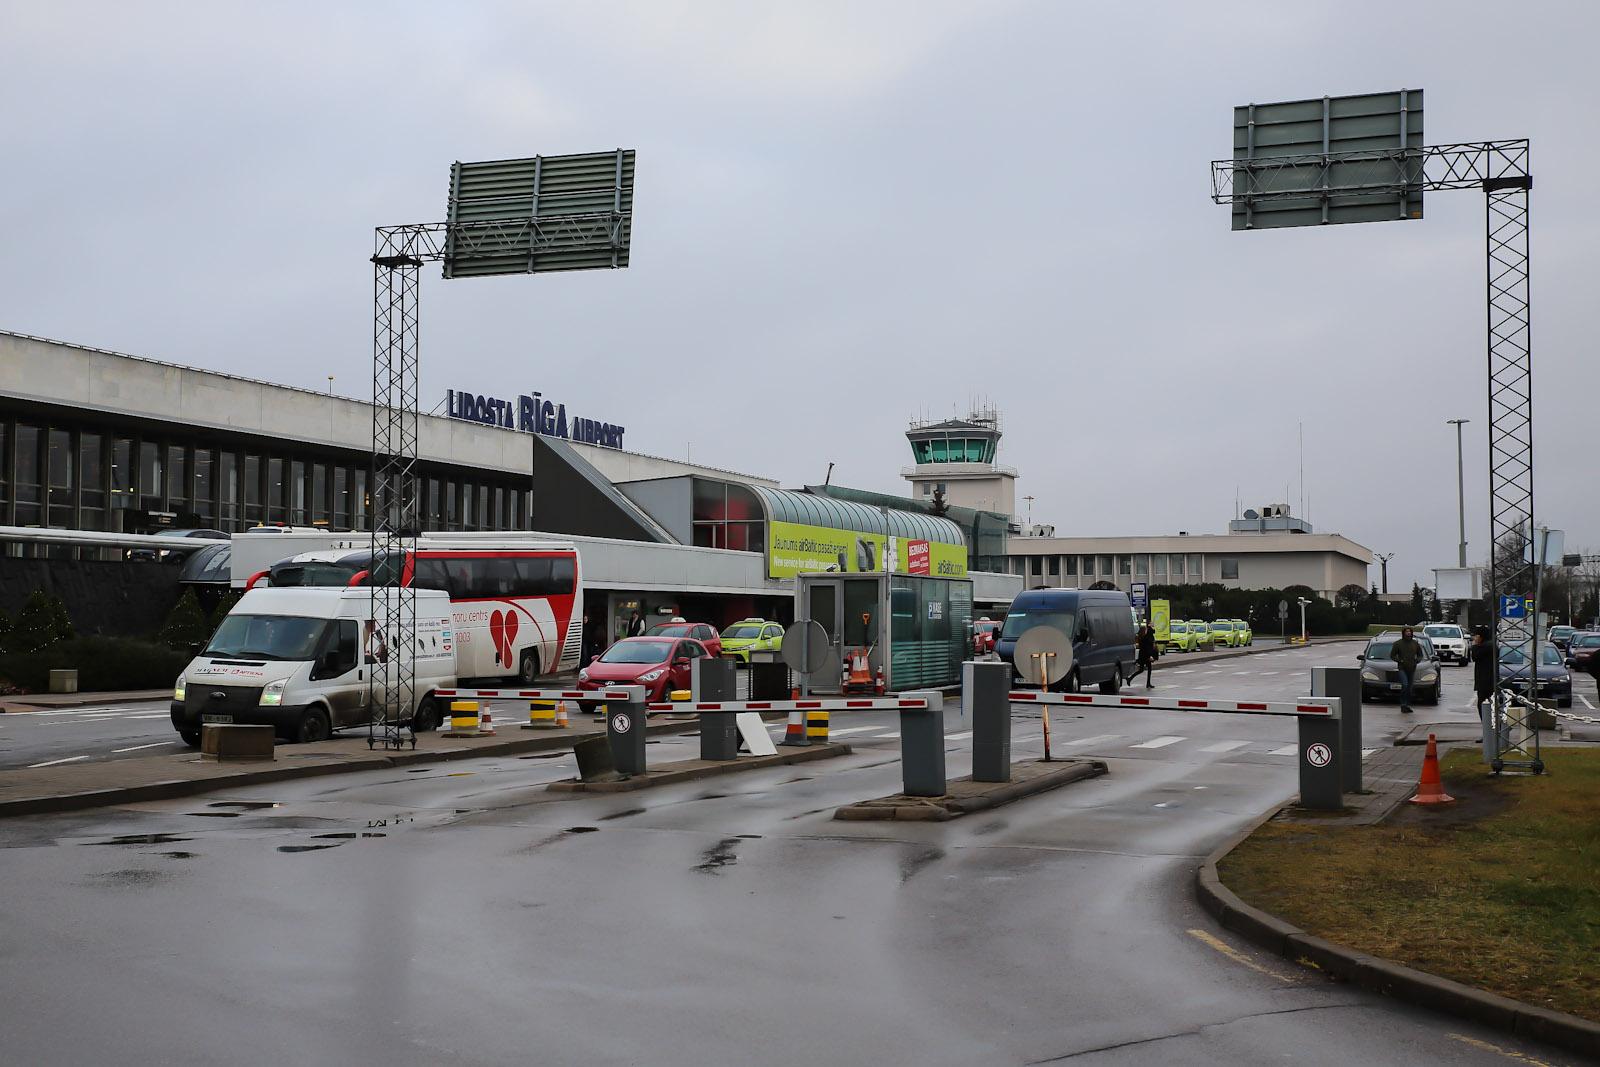 Аэропорт Рига со стороны привокзальной площади